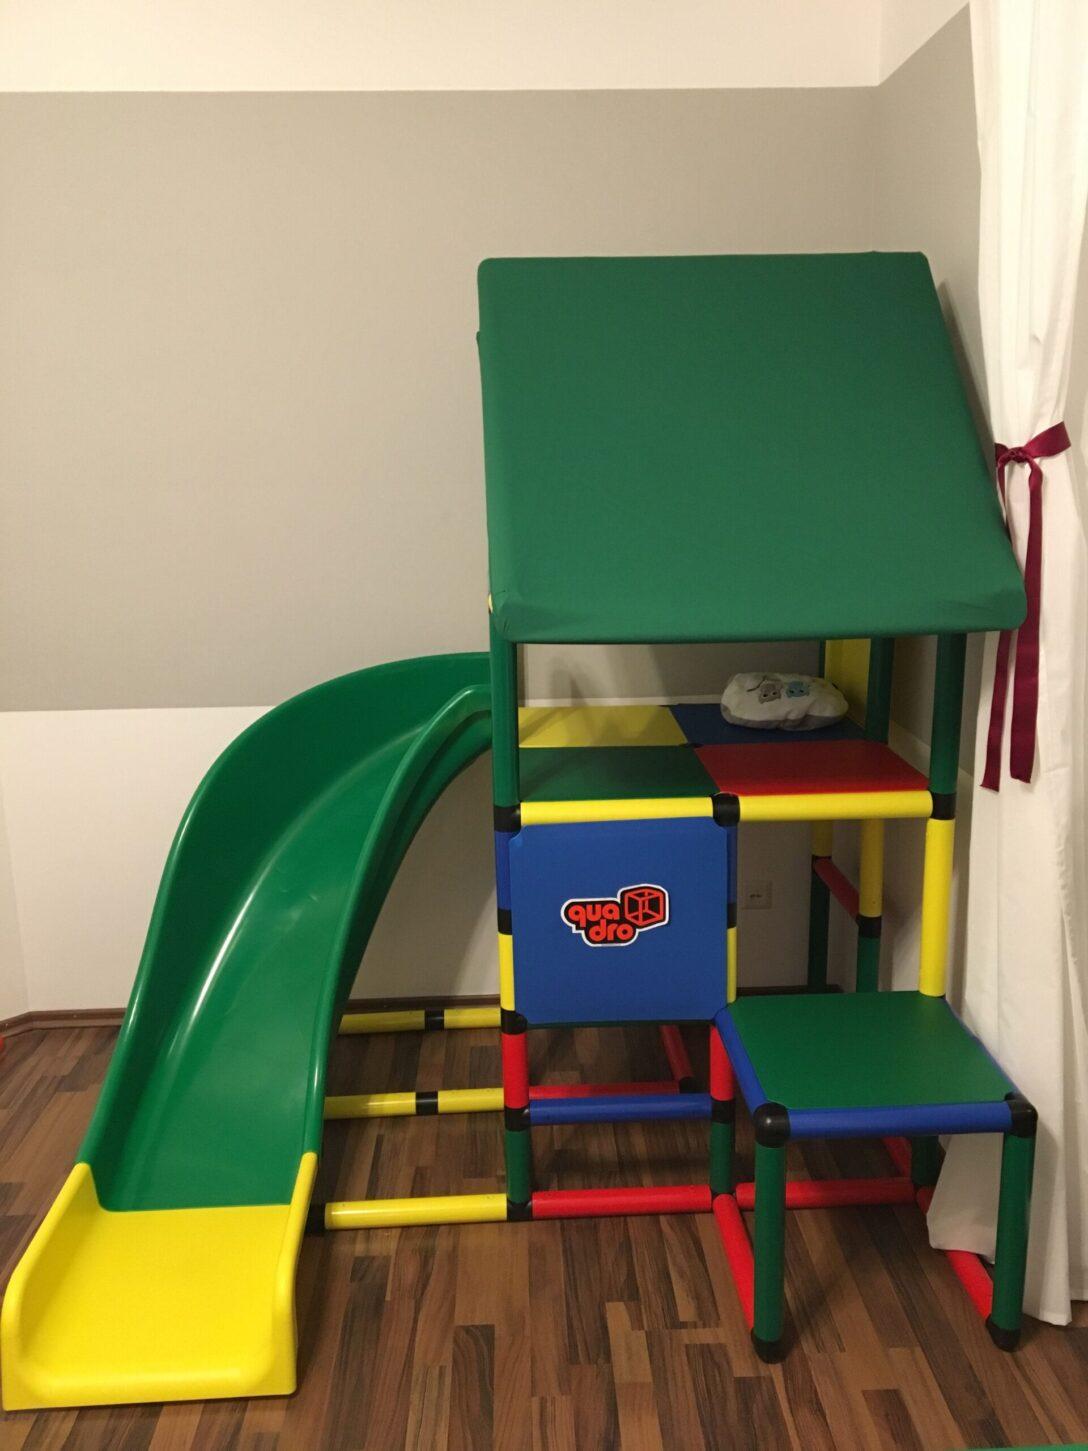 Large Size of Klettergerüst Indoor Diy Ein Traum Kinderzimmer Entsteht Teil 3 Kletterburg Sofa Garten Wohnzimmer Klettergerüst Indoor Diy